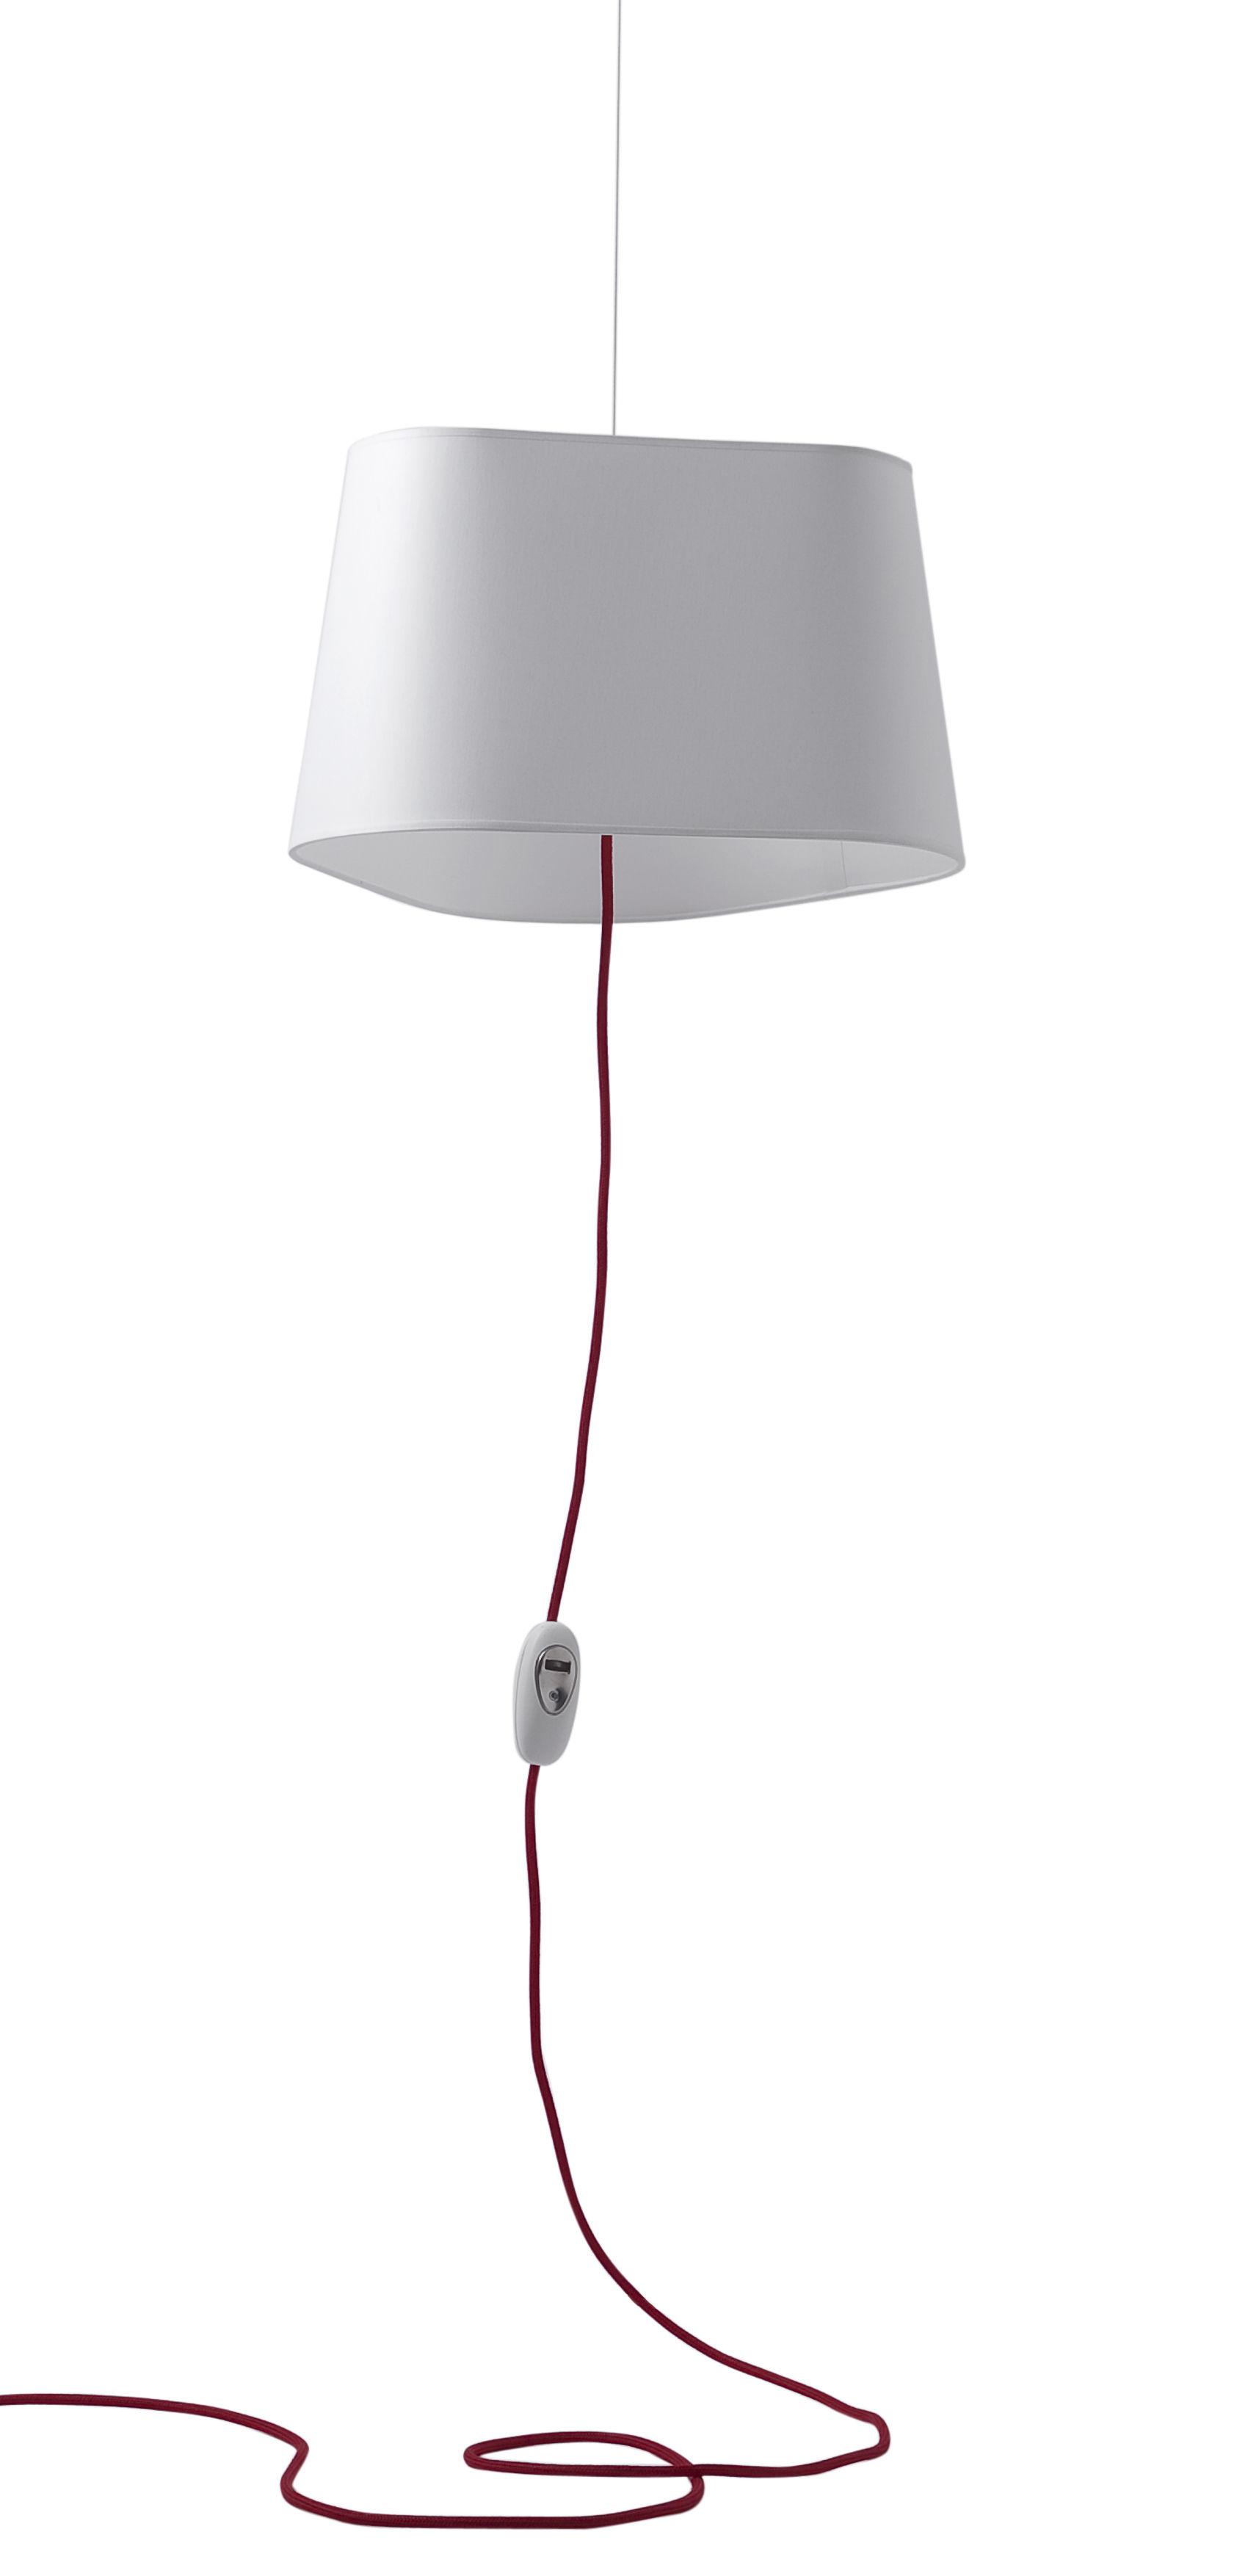 Illuminazione - Lampadari - Sospensione Grand Nuage di Designheure - Bianco - Tessuto percalle - Cotone